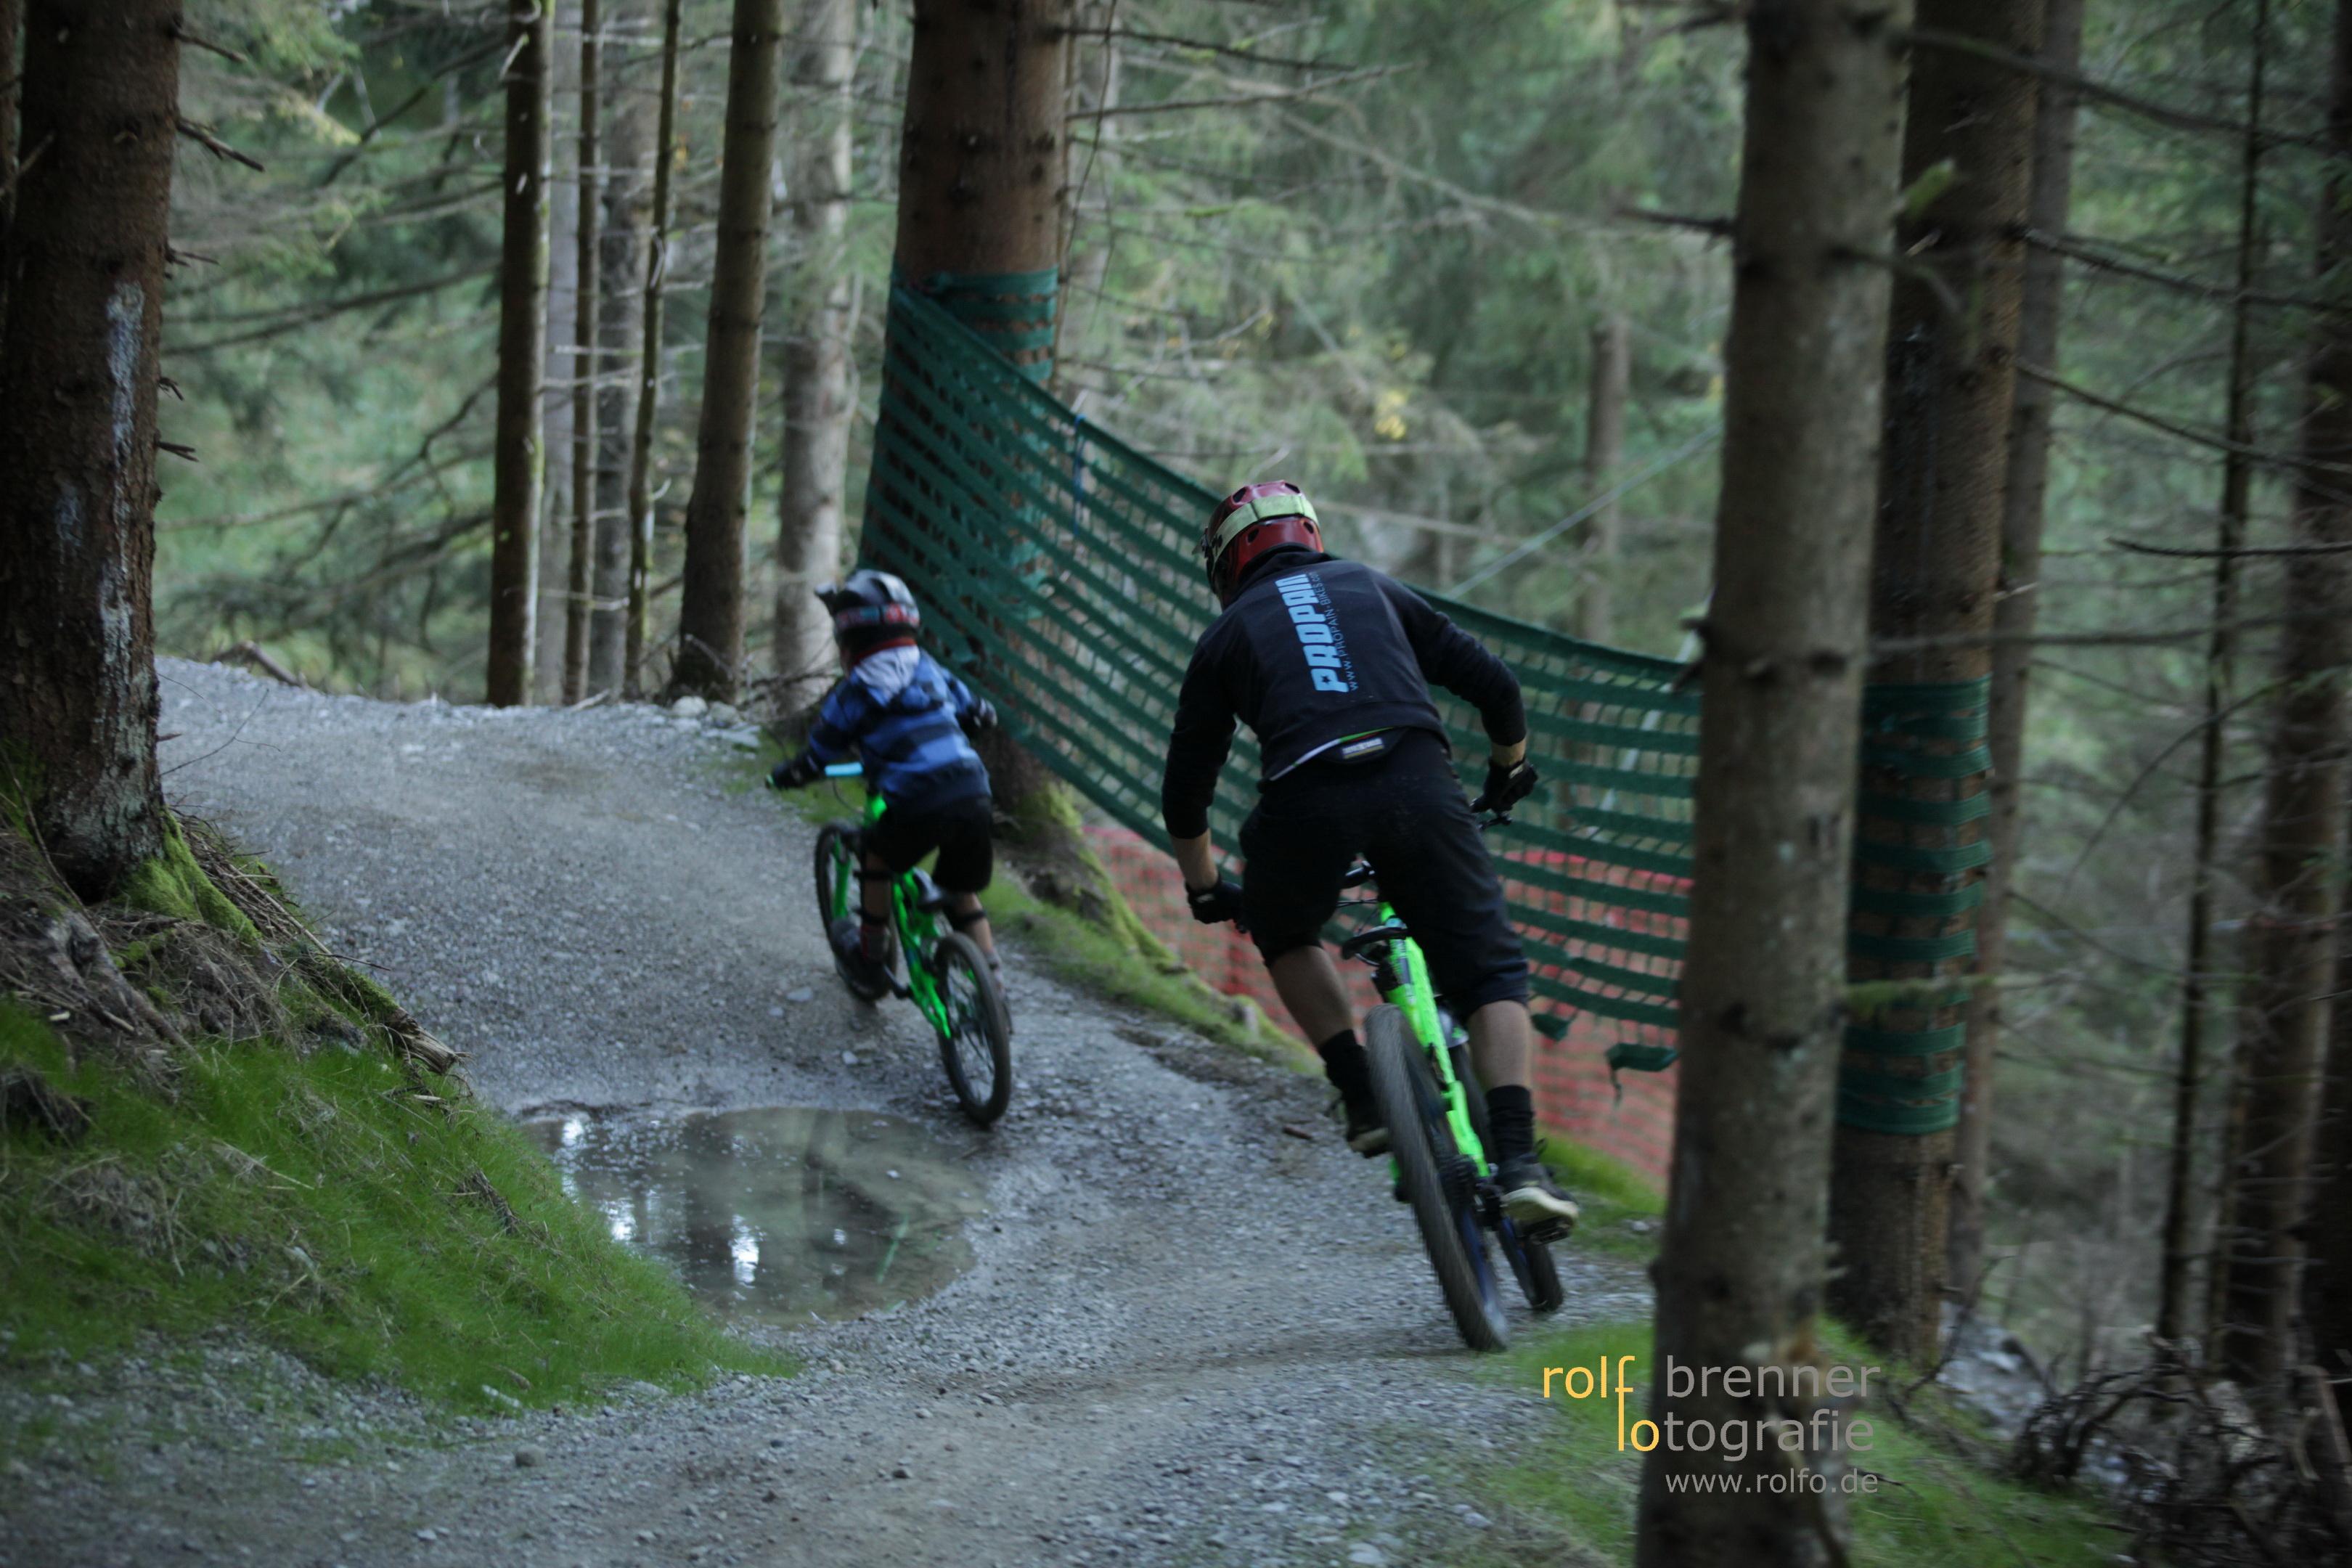 Vater und Sohn haben Spaß im Bike Park Hornbahn in Bad Hindelang im Allgäu